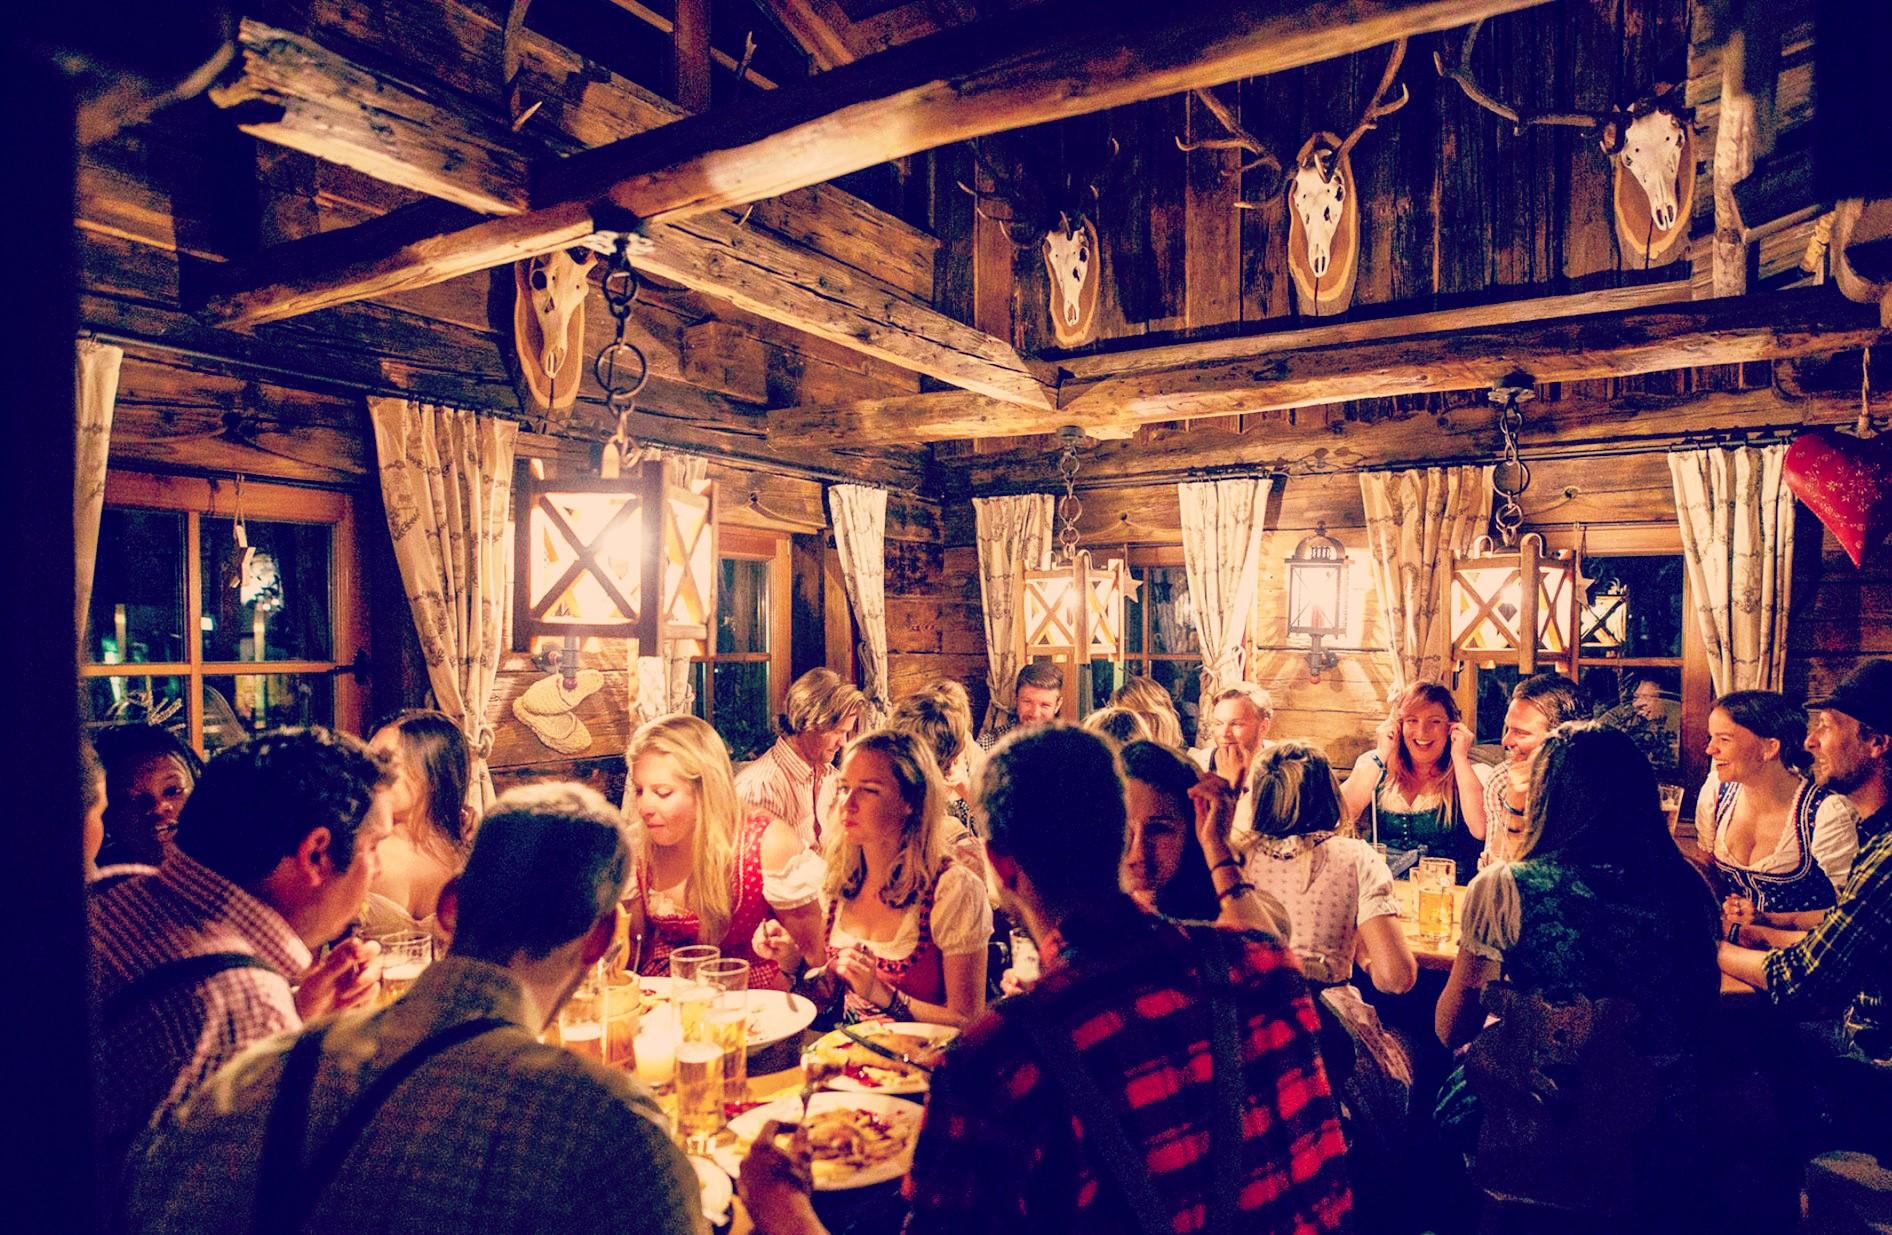 GEZELLIG TAFELEN # traditioneel diner